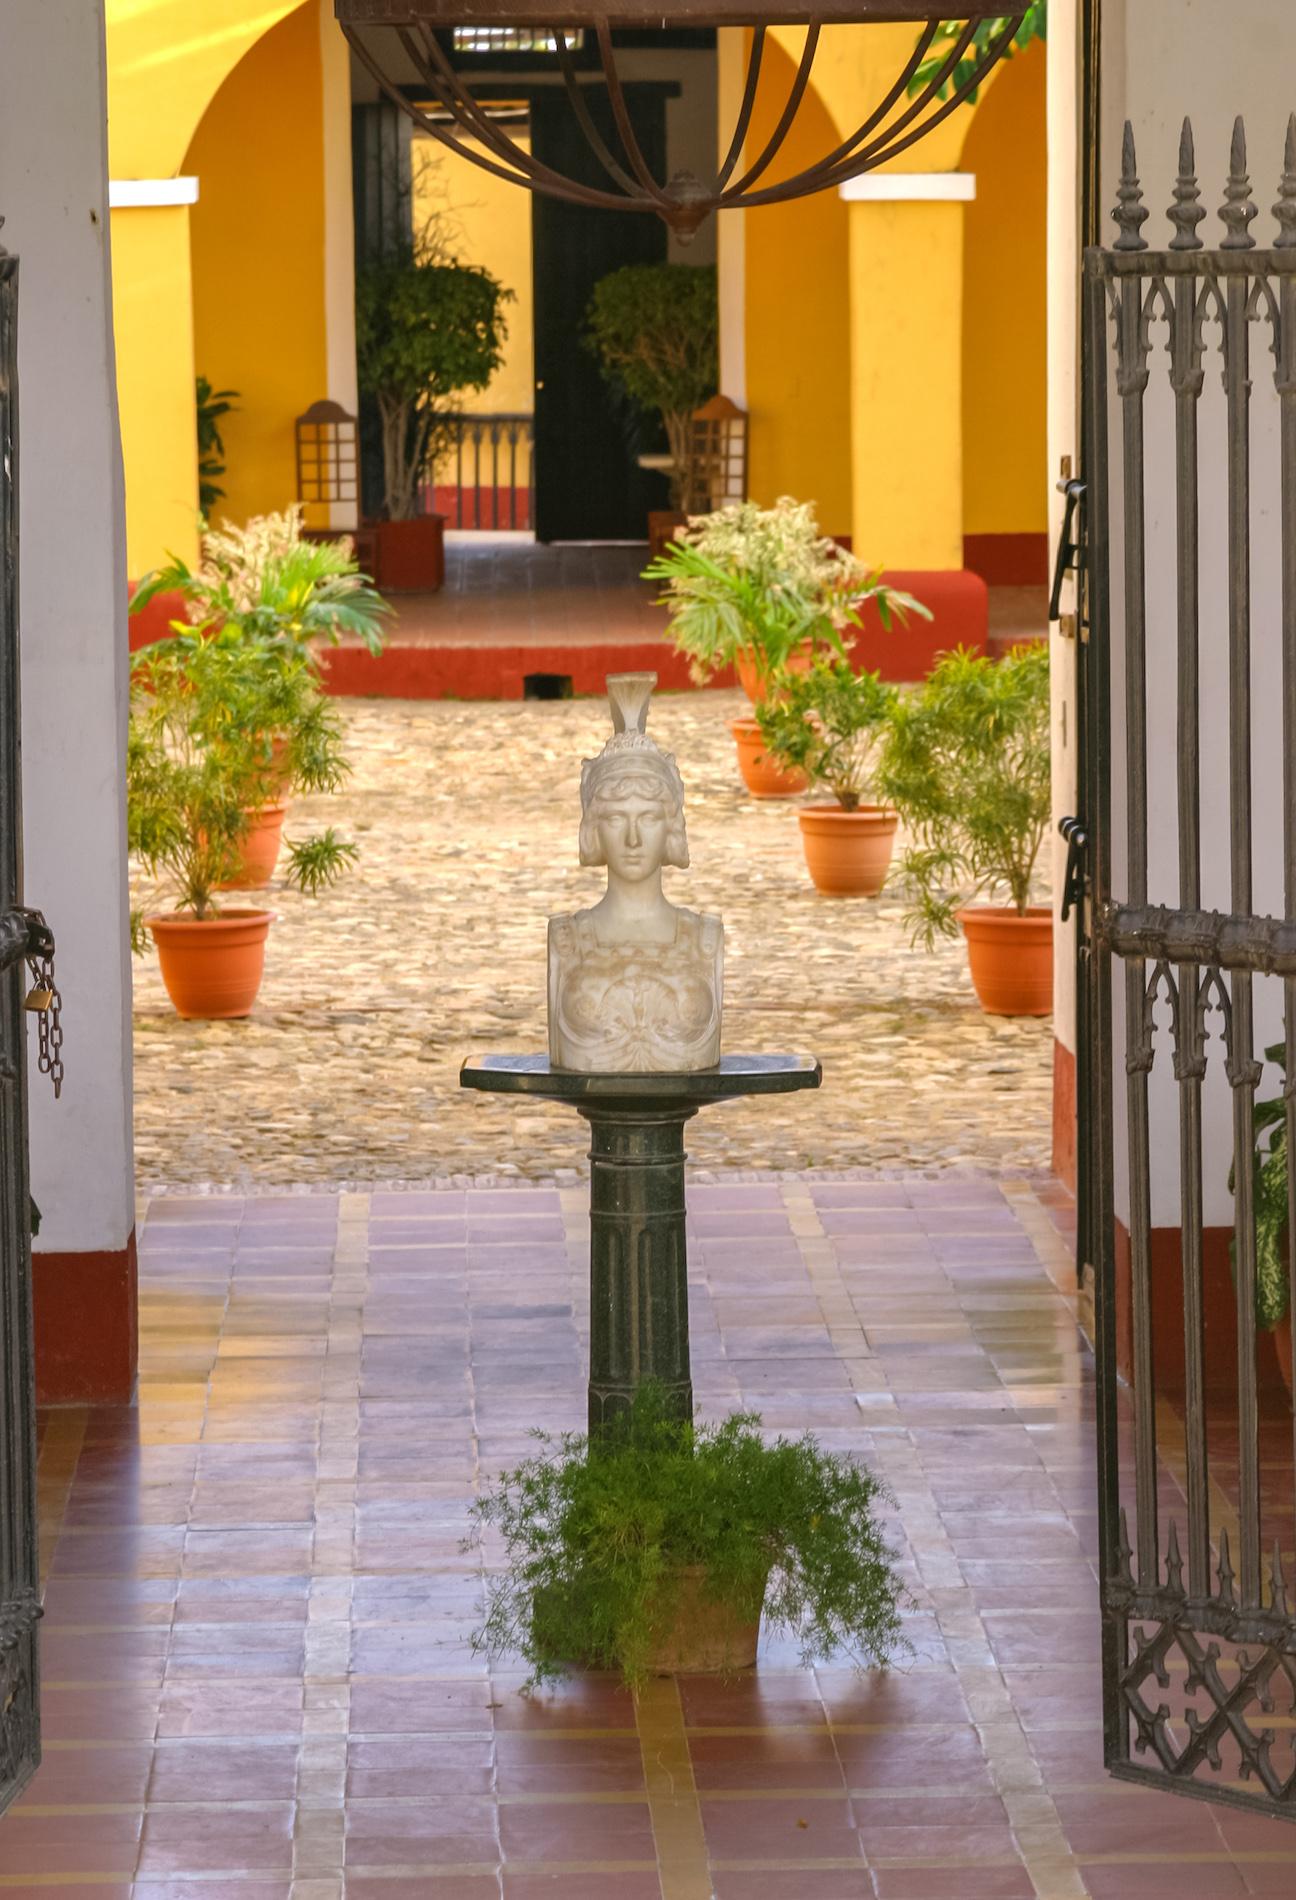 Cuba cour intérieur